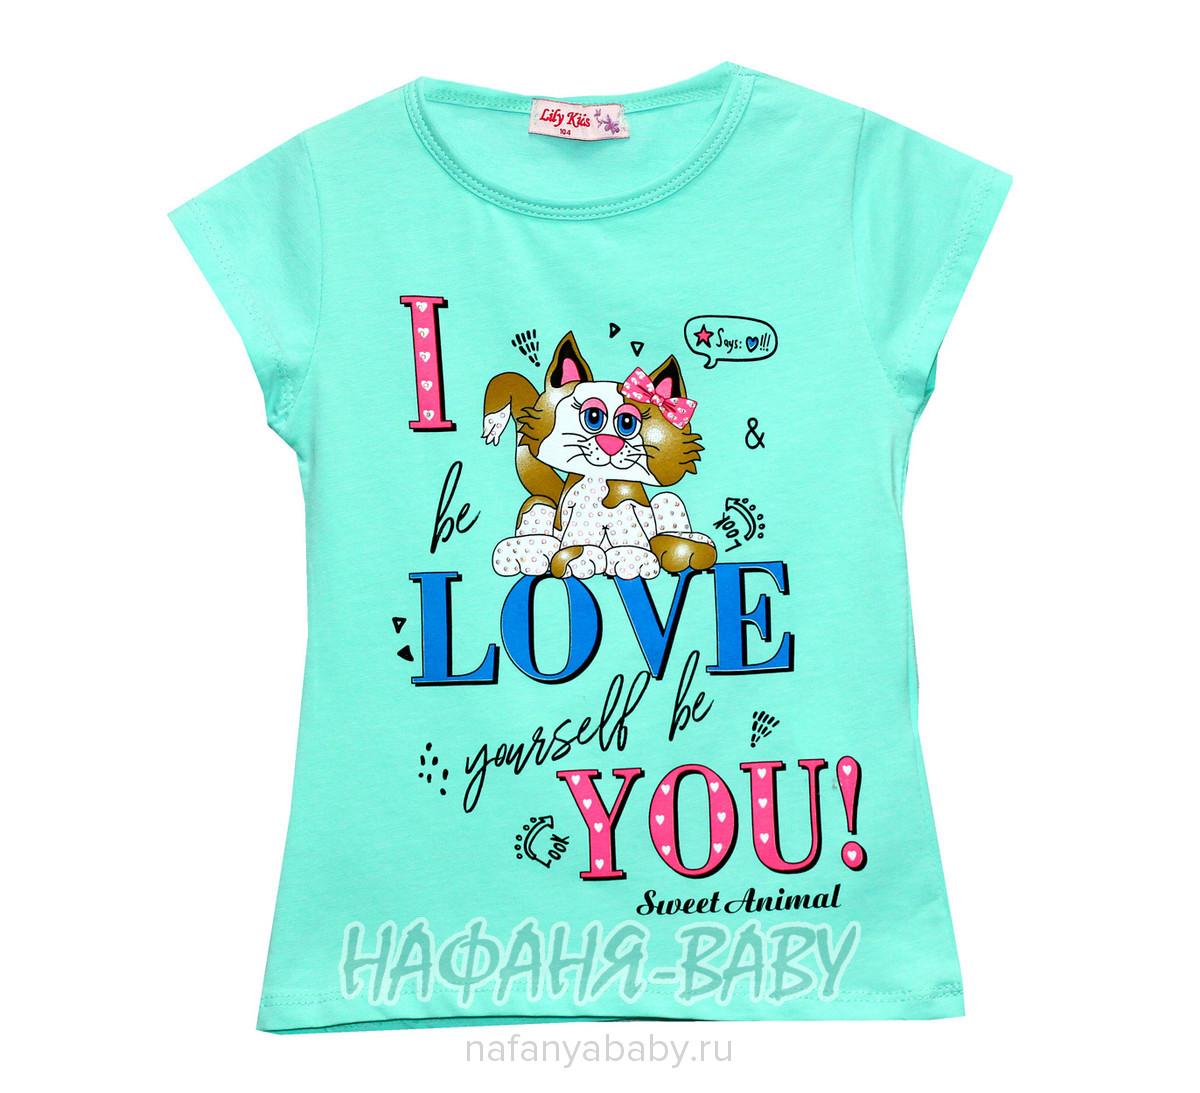 Детская футболка LILY Kids арт: 3578, 1-4 года, цвет персиковый, оптом Турция